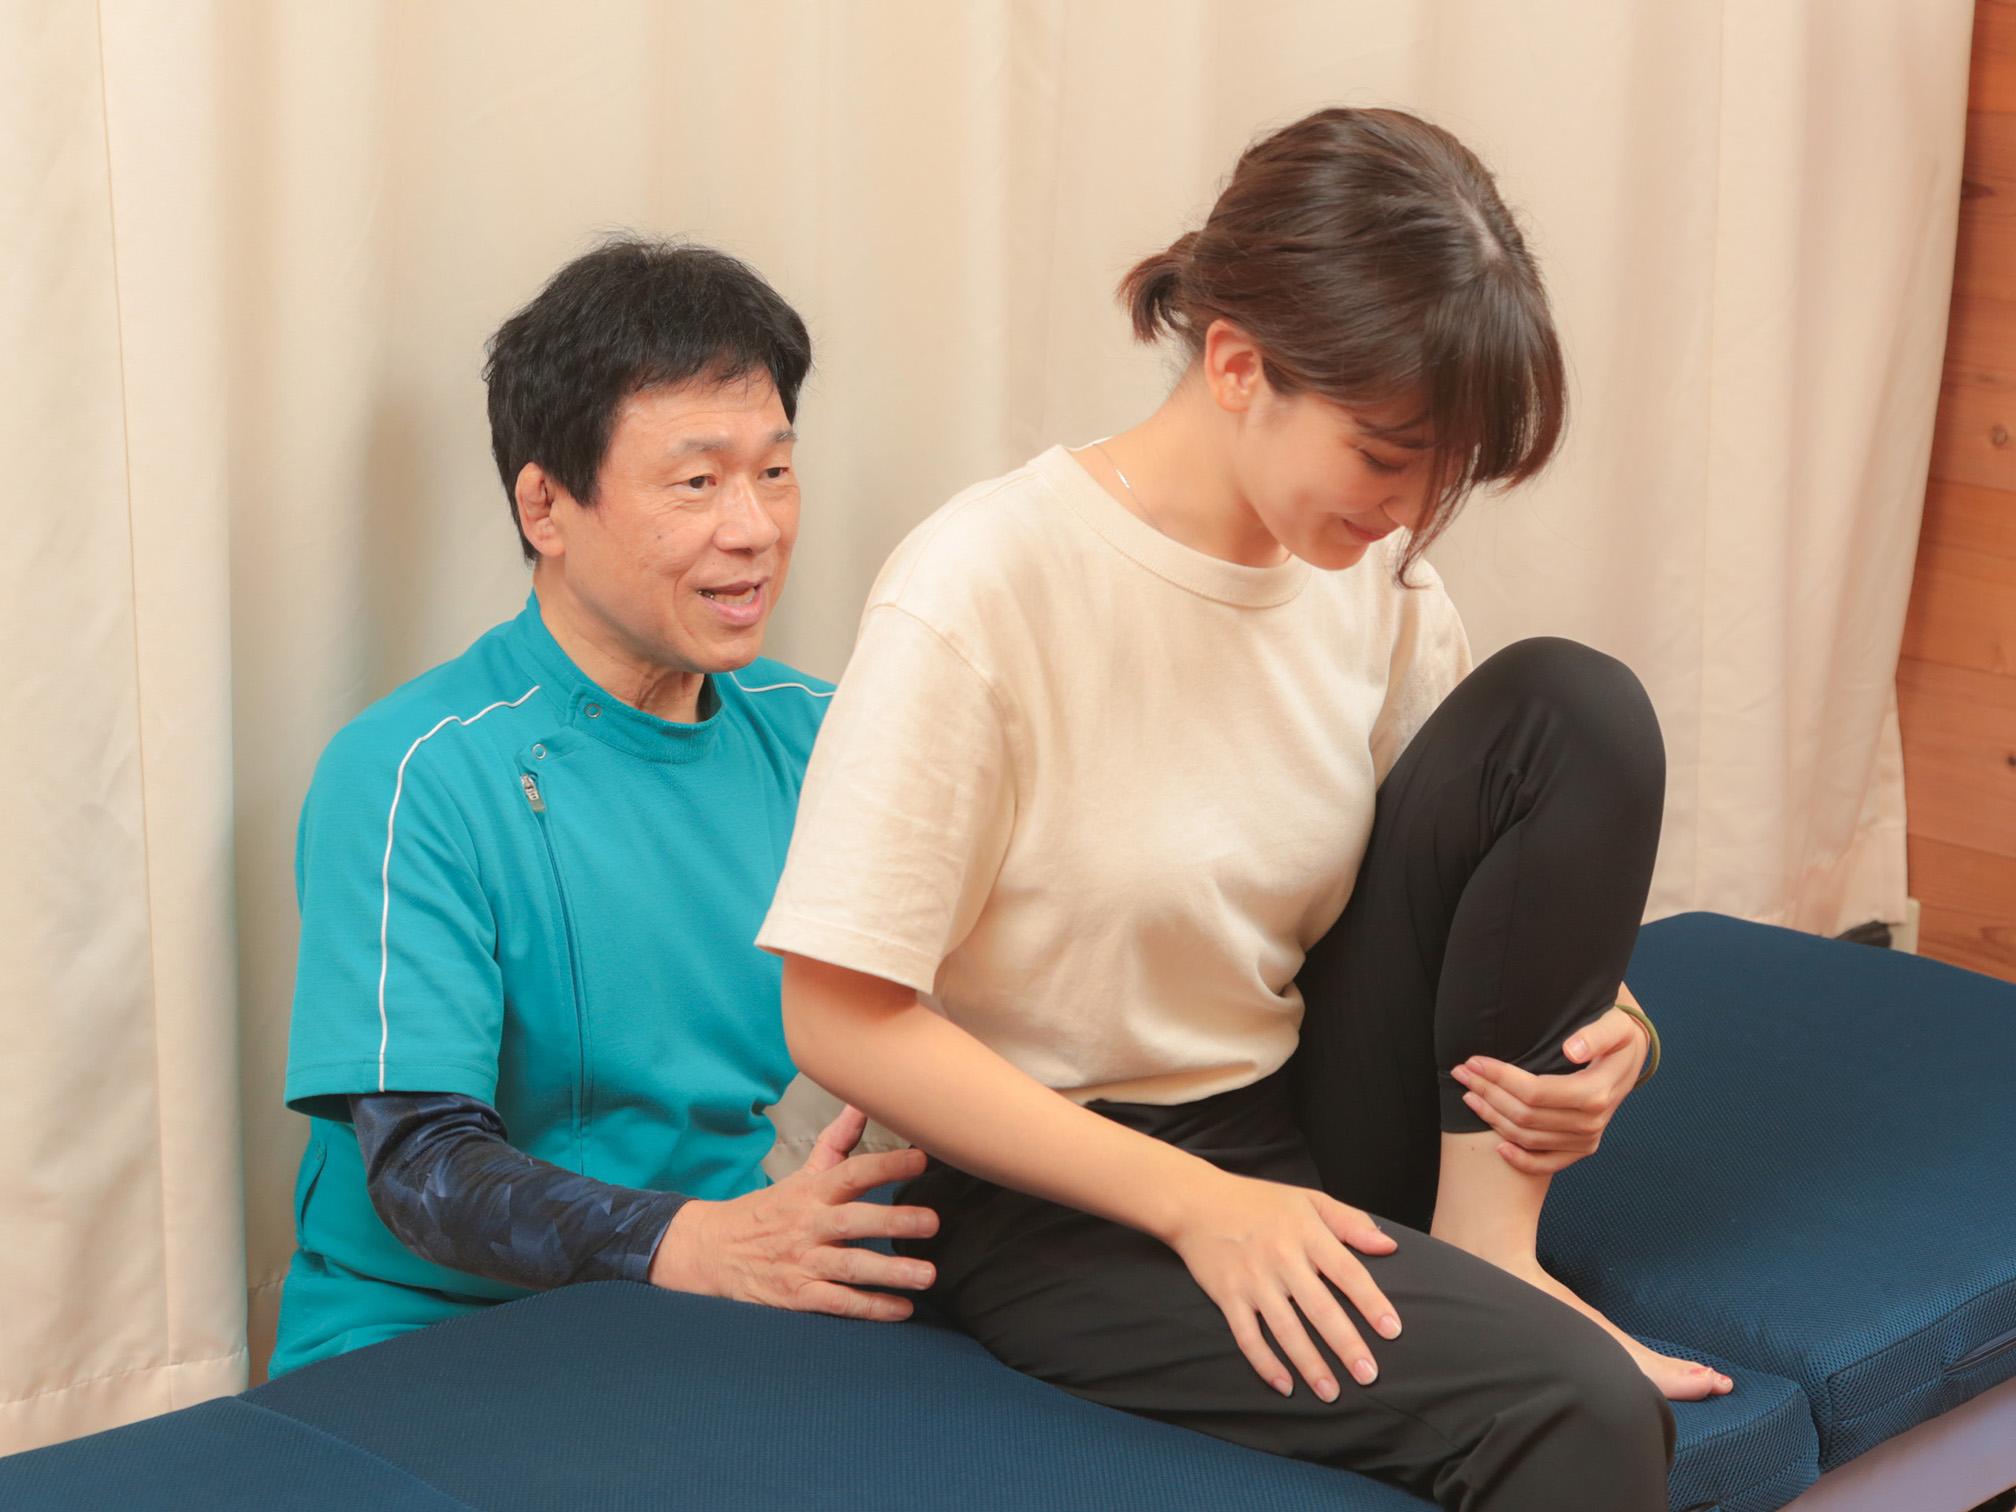 股関節の動きや痛みその他の症状を確認します